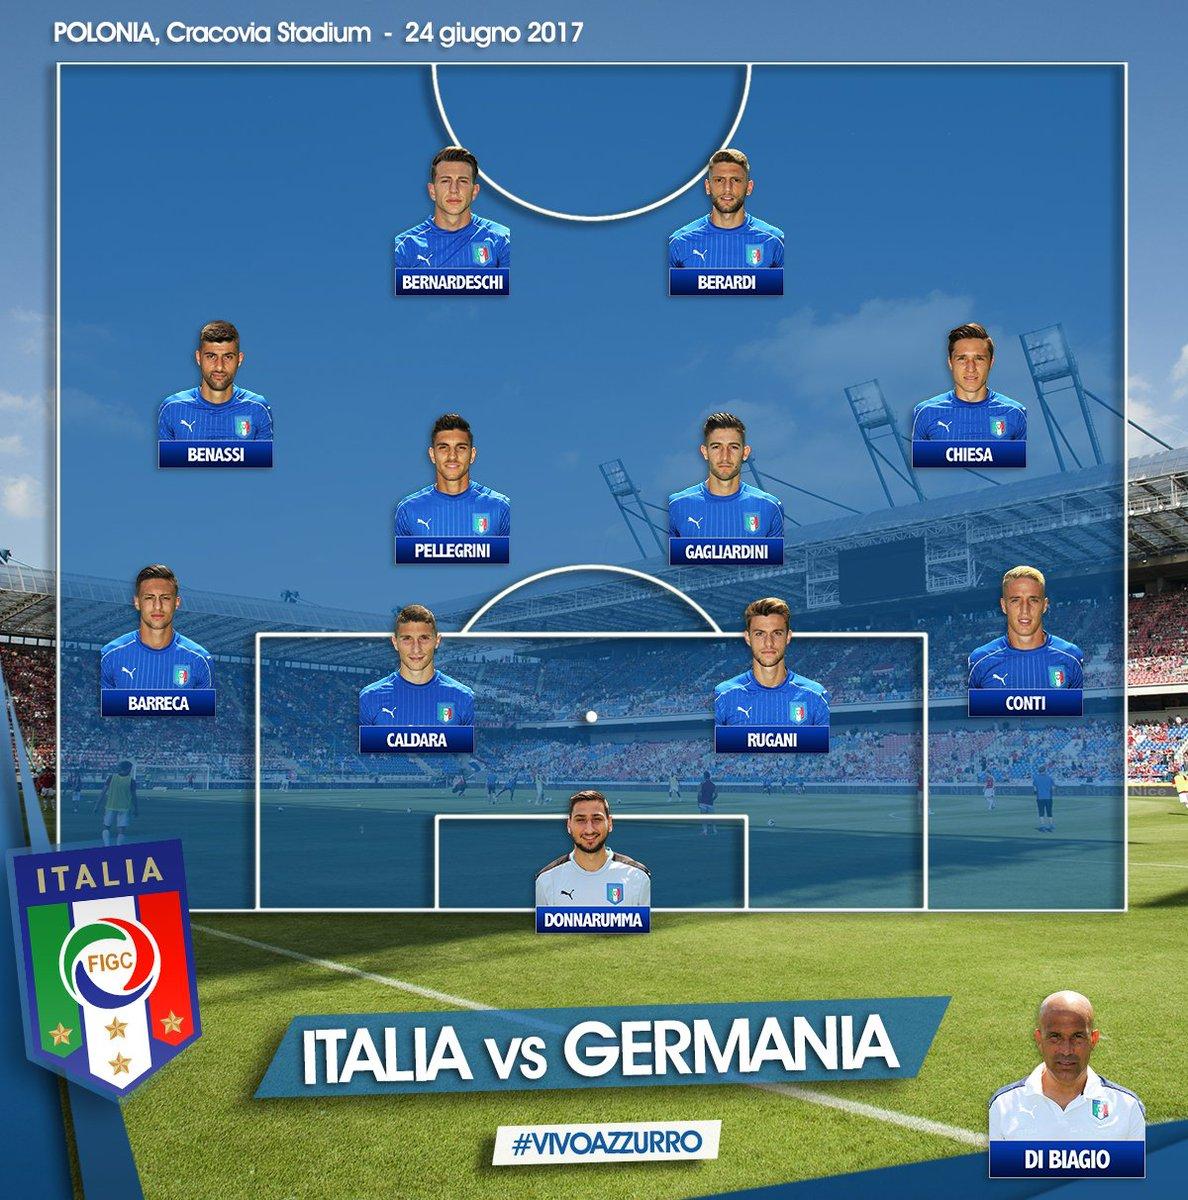 #U21Euro   Gli 11 #Azzurrini scelti da #DiBiagio! Alle 20.45 #ItaliaGe...